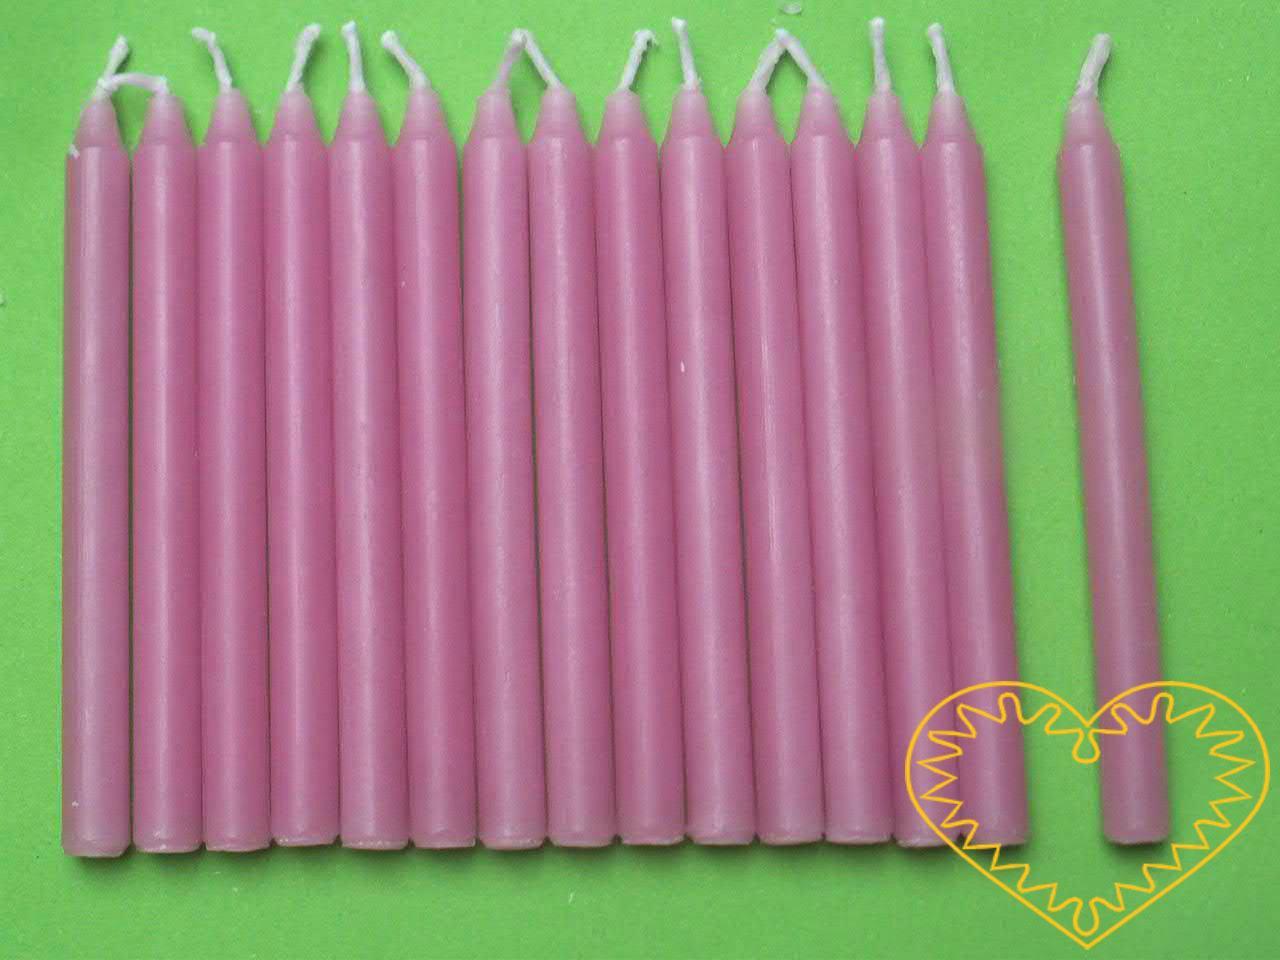 Dortové svíčky bez držáčků - sada 12 kusů. Vhodné nejen na dorty, ale i na tvorbu různých menších aranžmá. Skladem jsou bílé, růžové a modré.